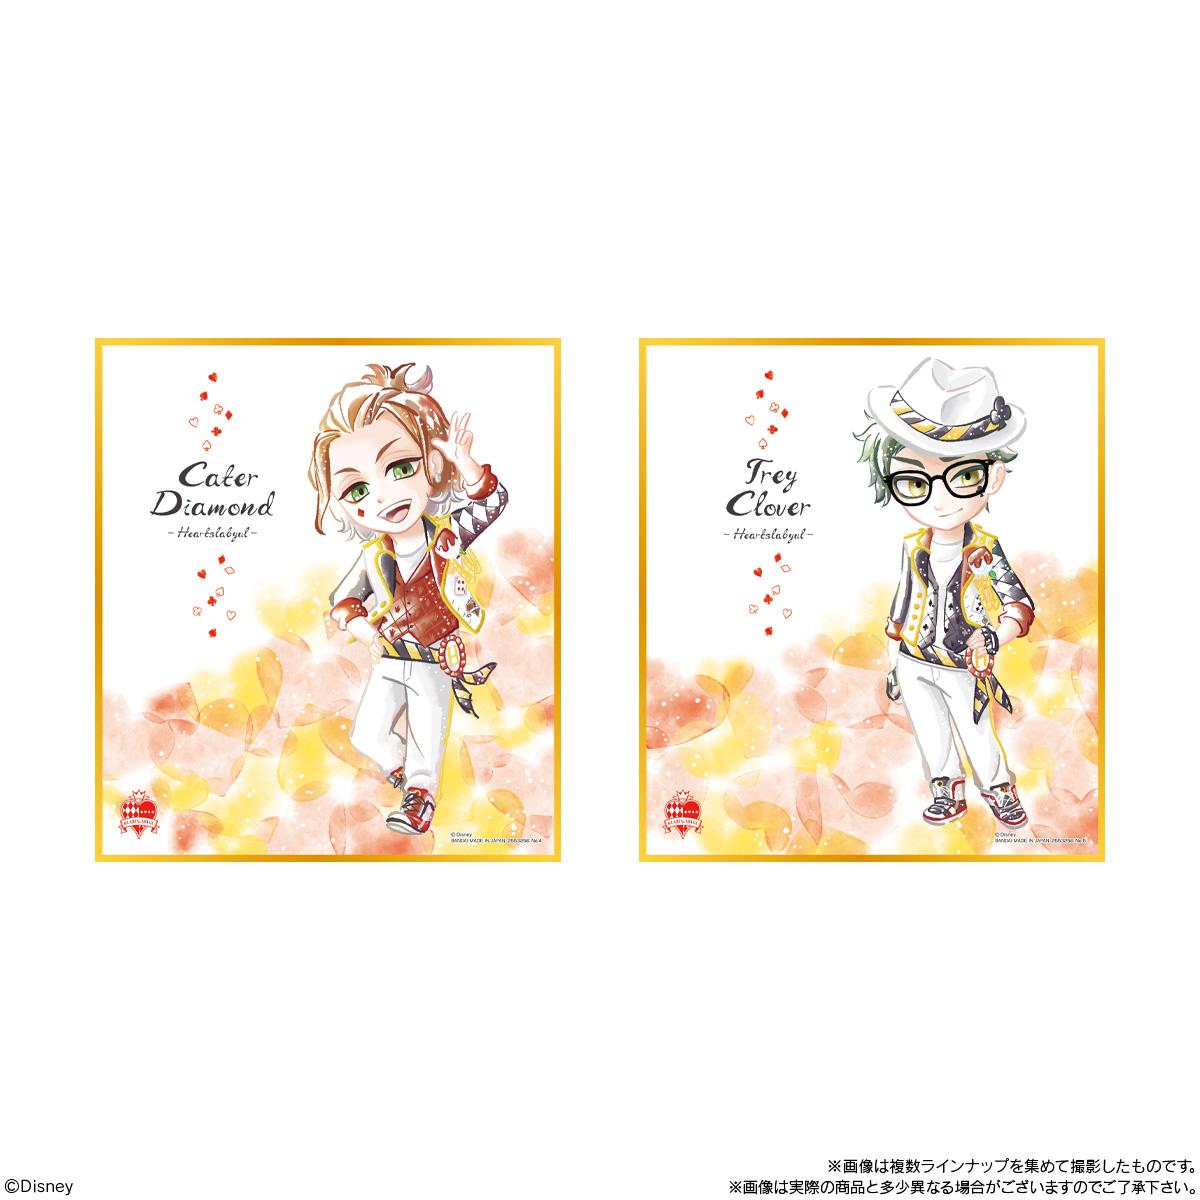 【食玩】ツイステ『ディズニー ツイステッドワンダーランド 色紙ART』10個入りBOX-003